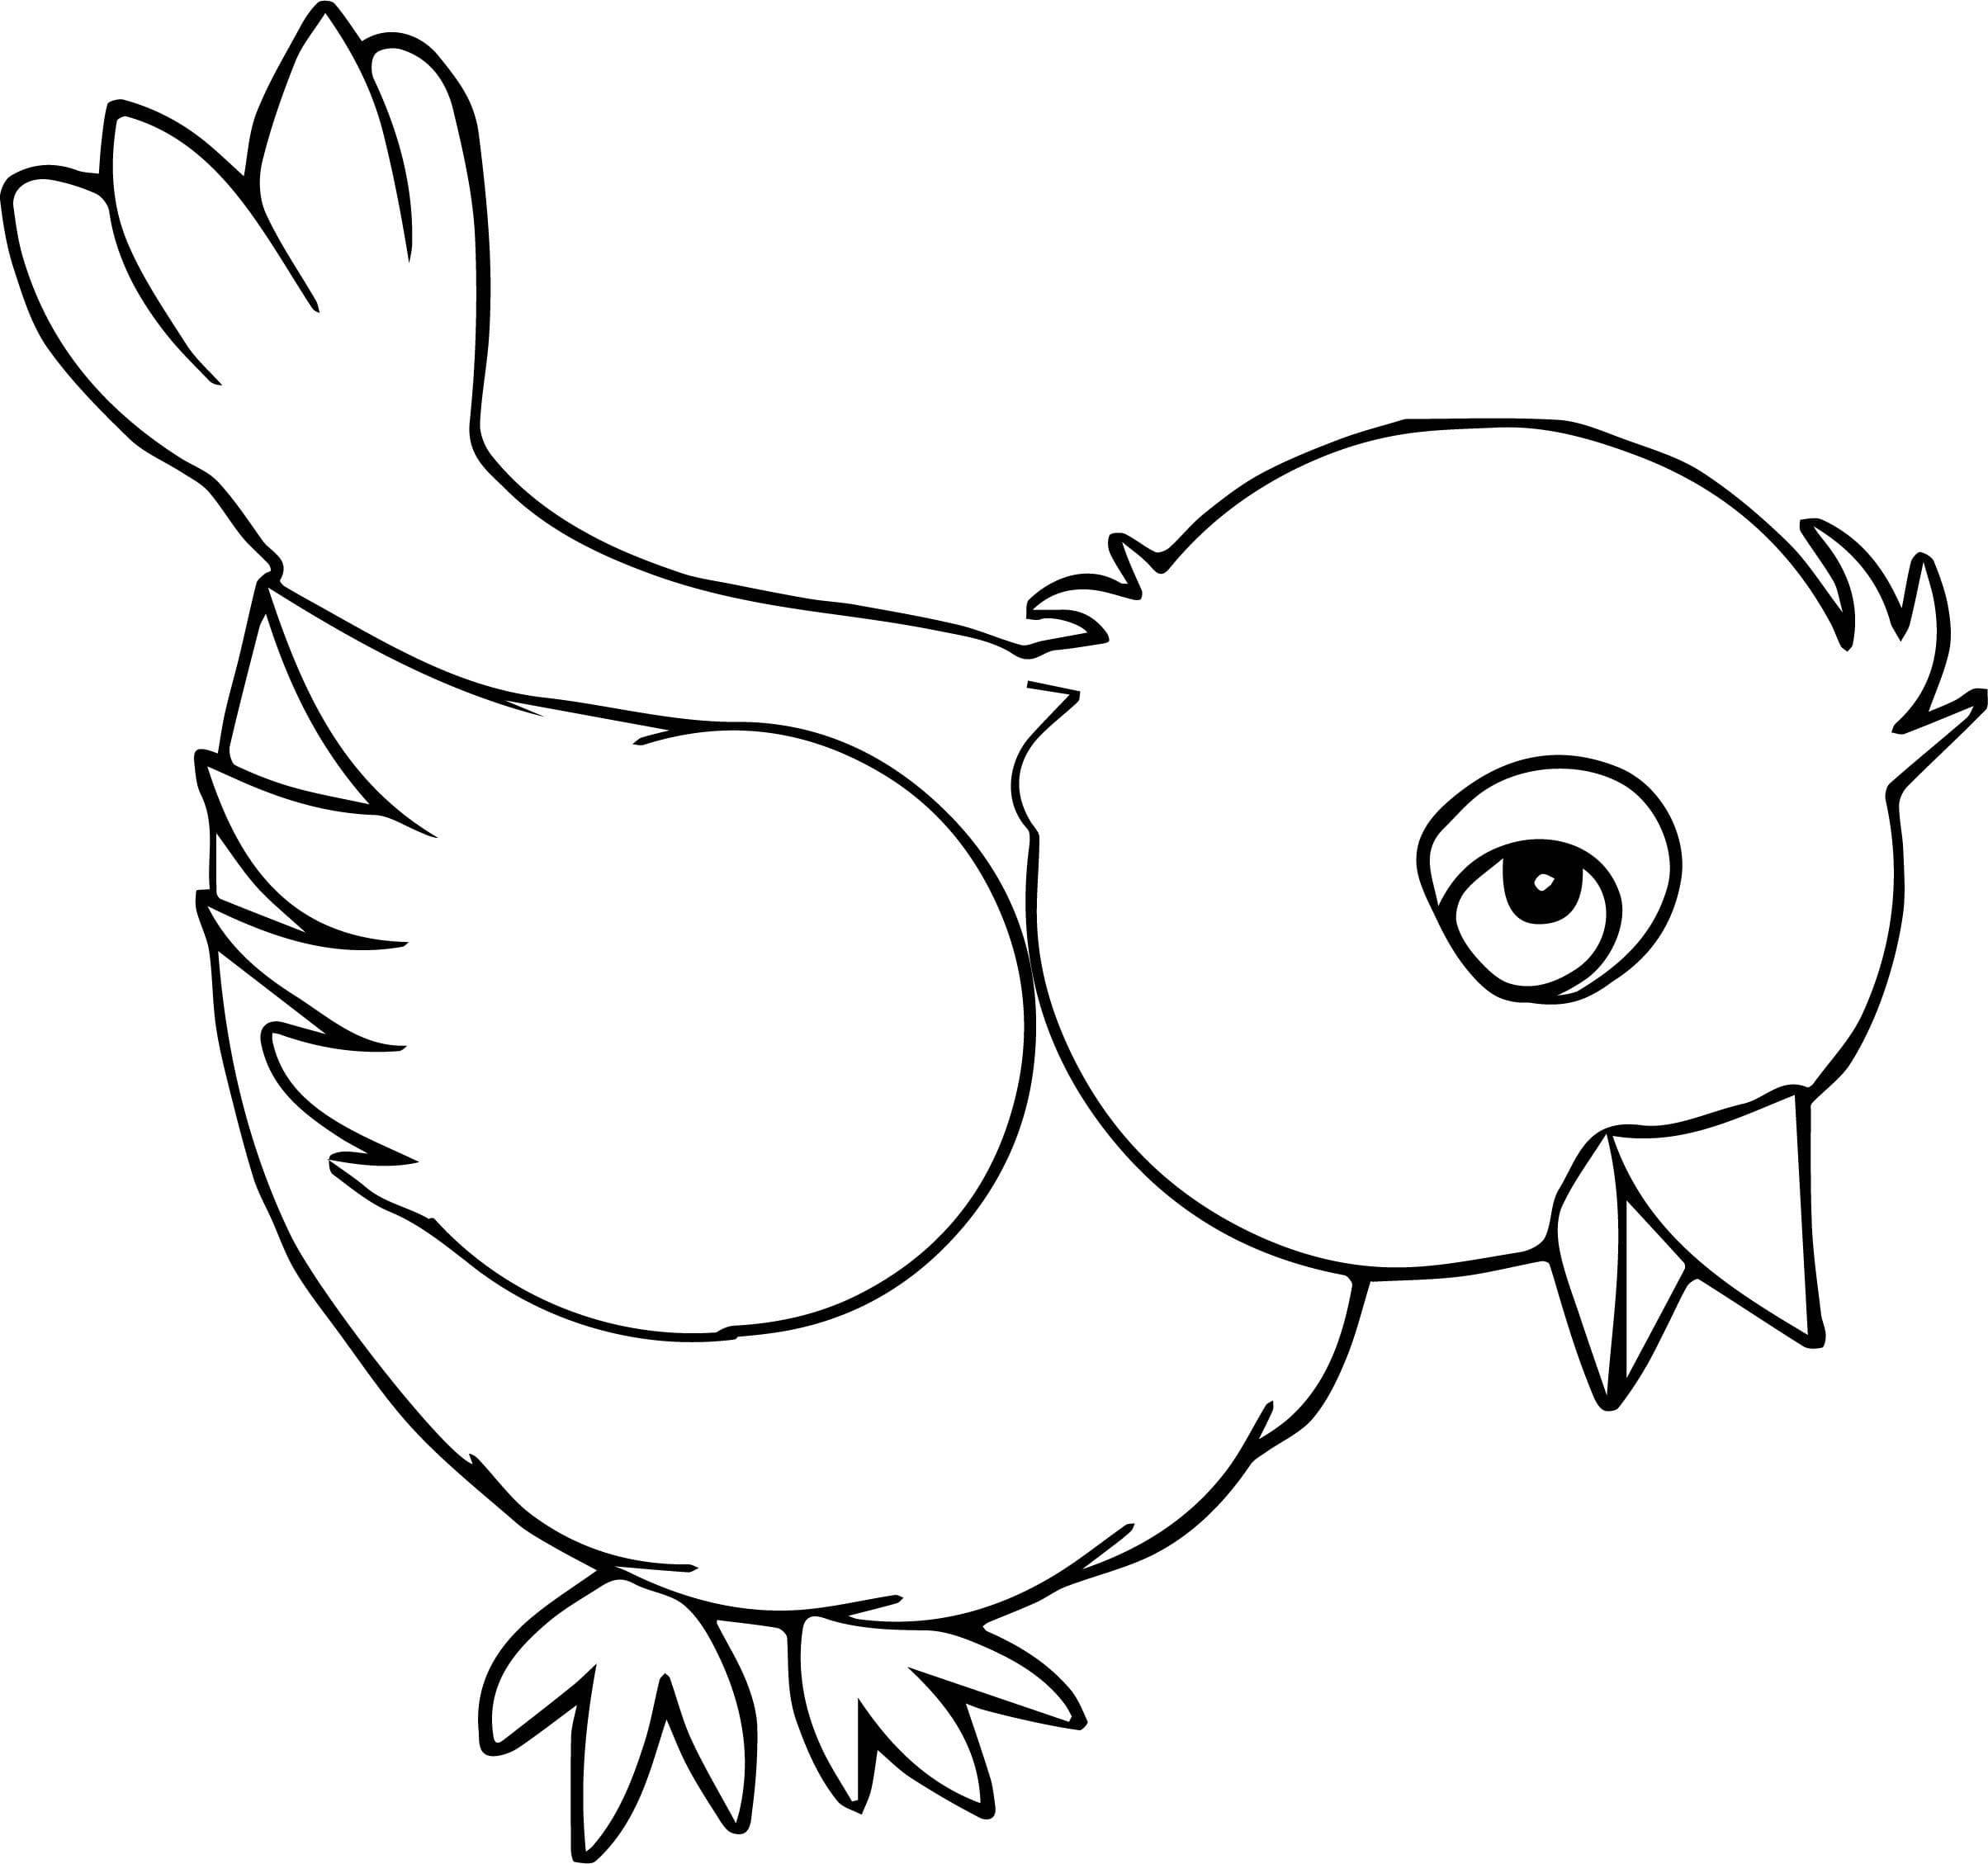 картинки птичек для раскраски заметили, что красотка